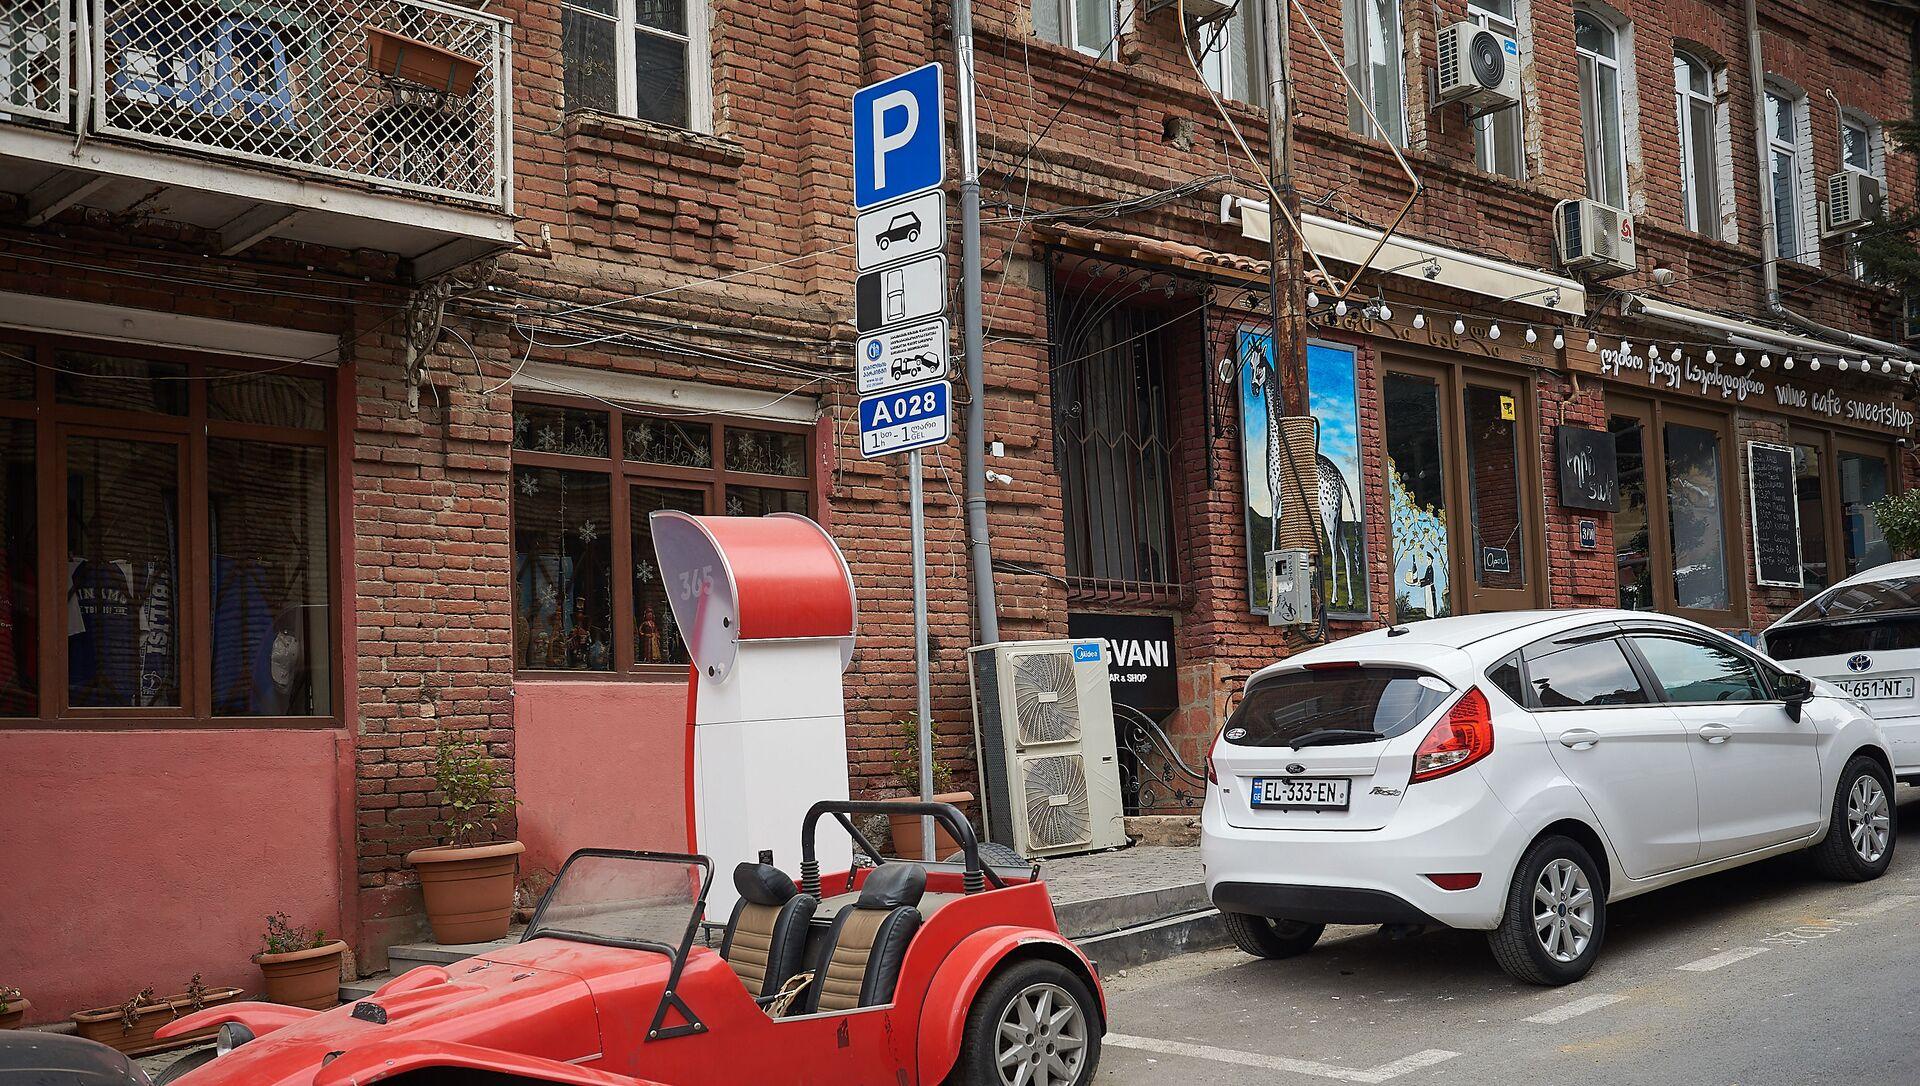 Платная парковка в центре грузинской столицы. Машины на паркинге. Центр Тбилиси - Sputnik Грузия, 1920, 10.02.2021